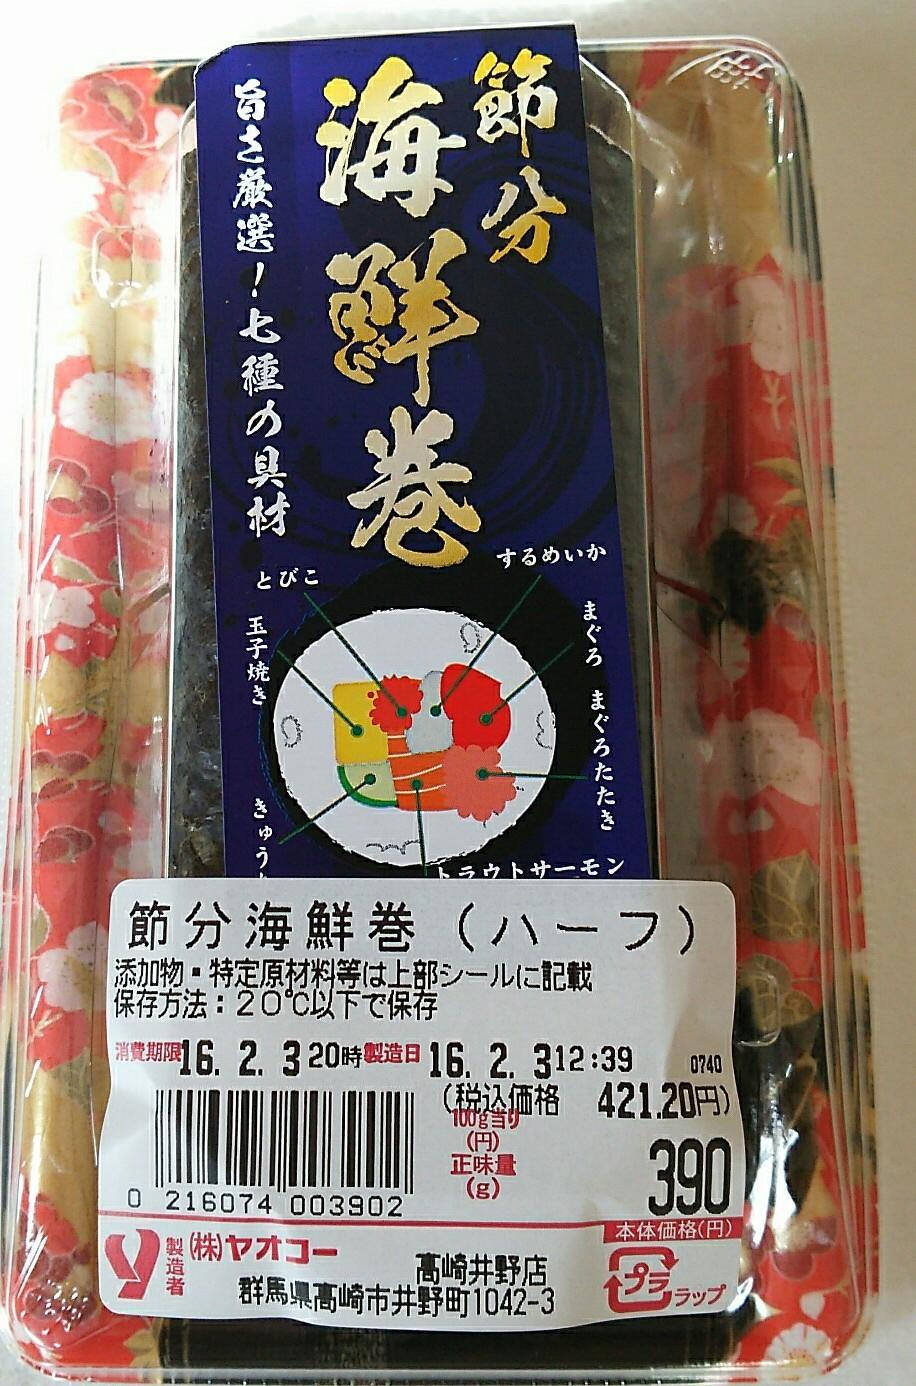 ヤオコー 高崎井野店